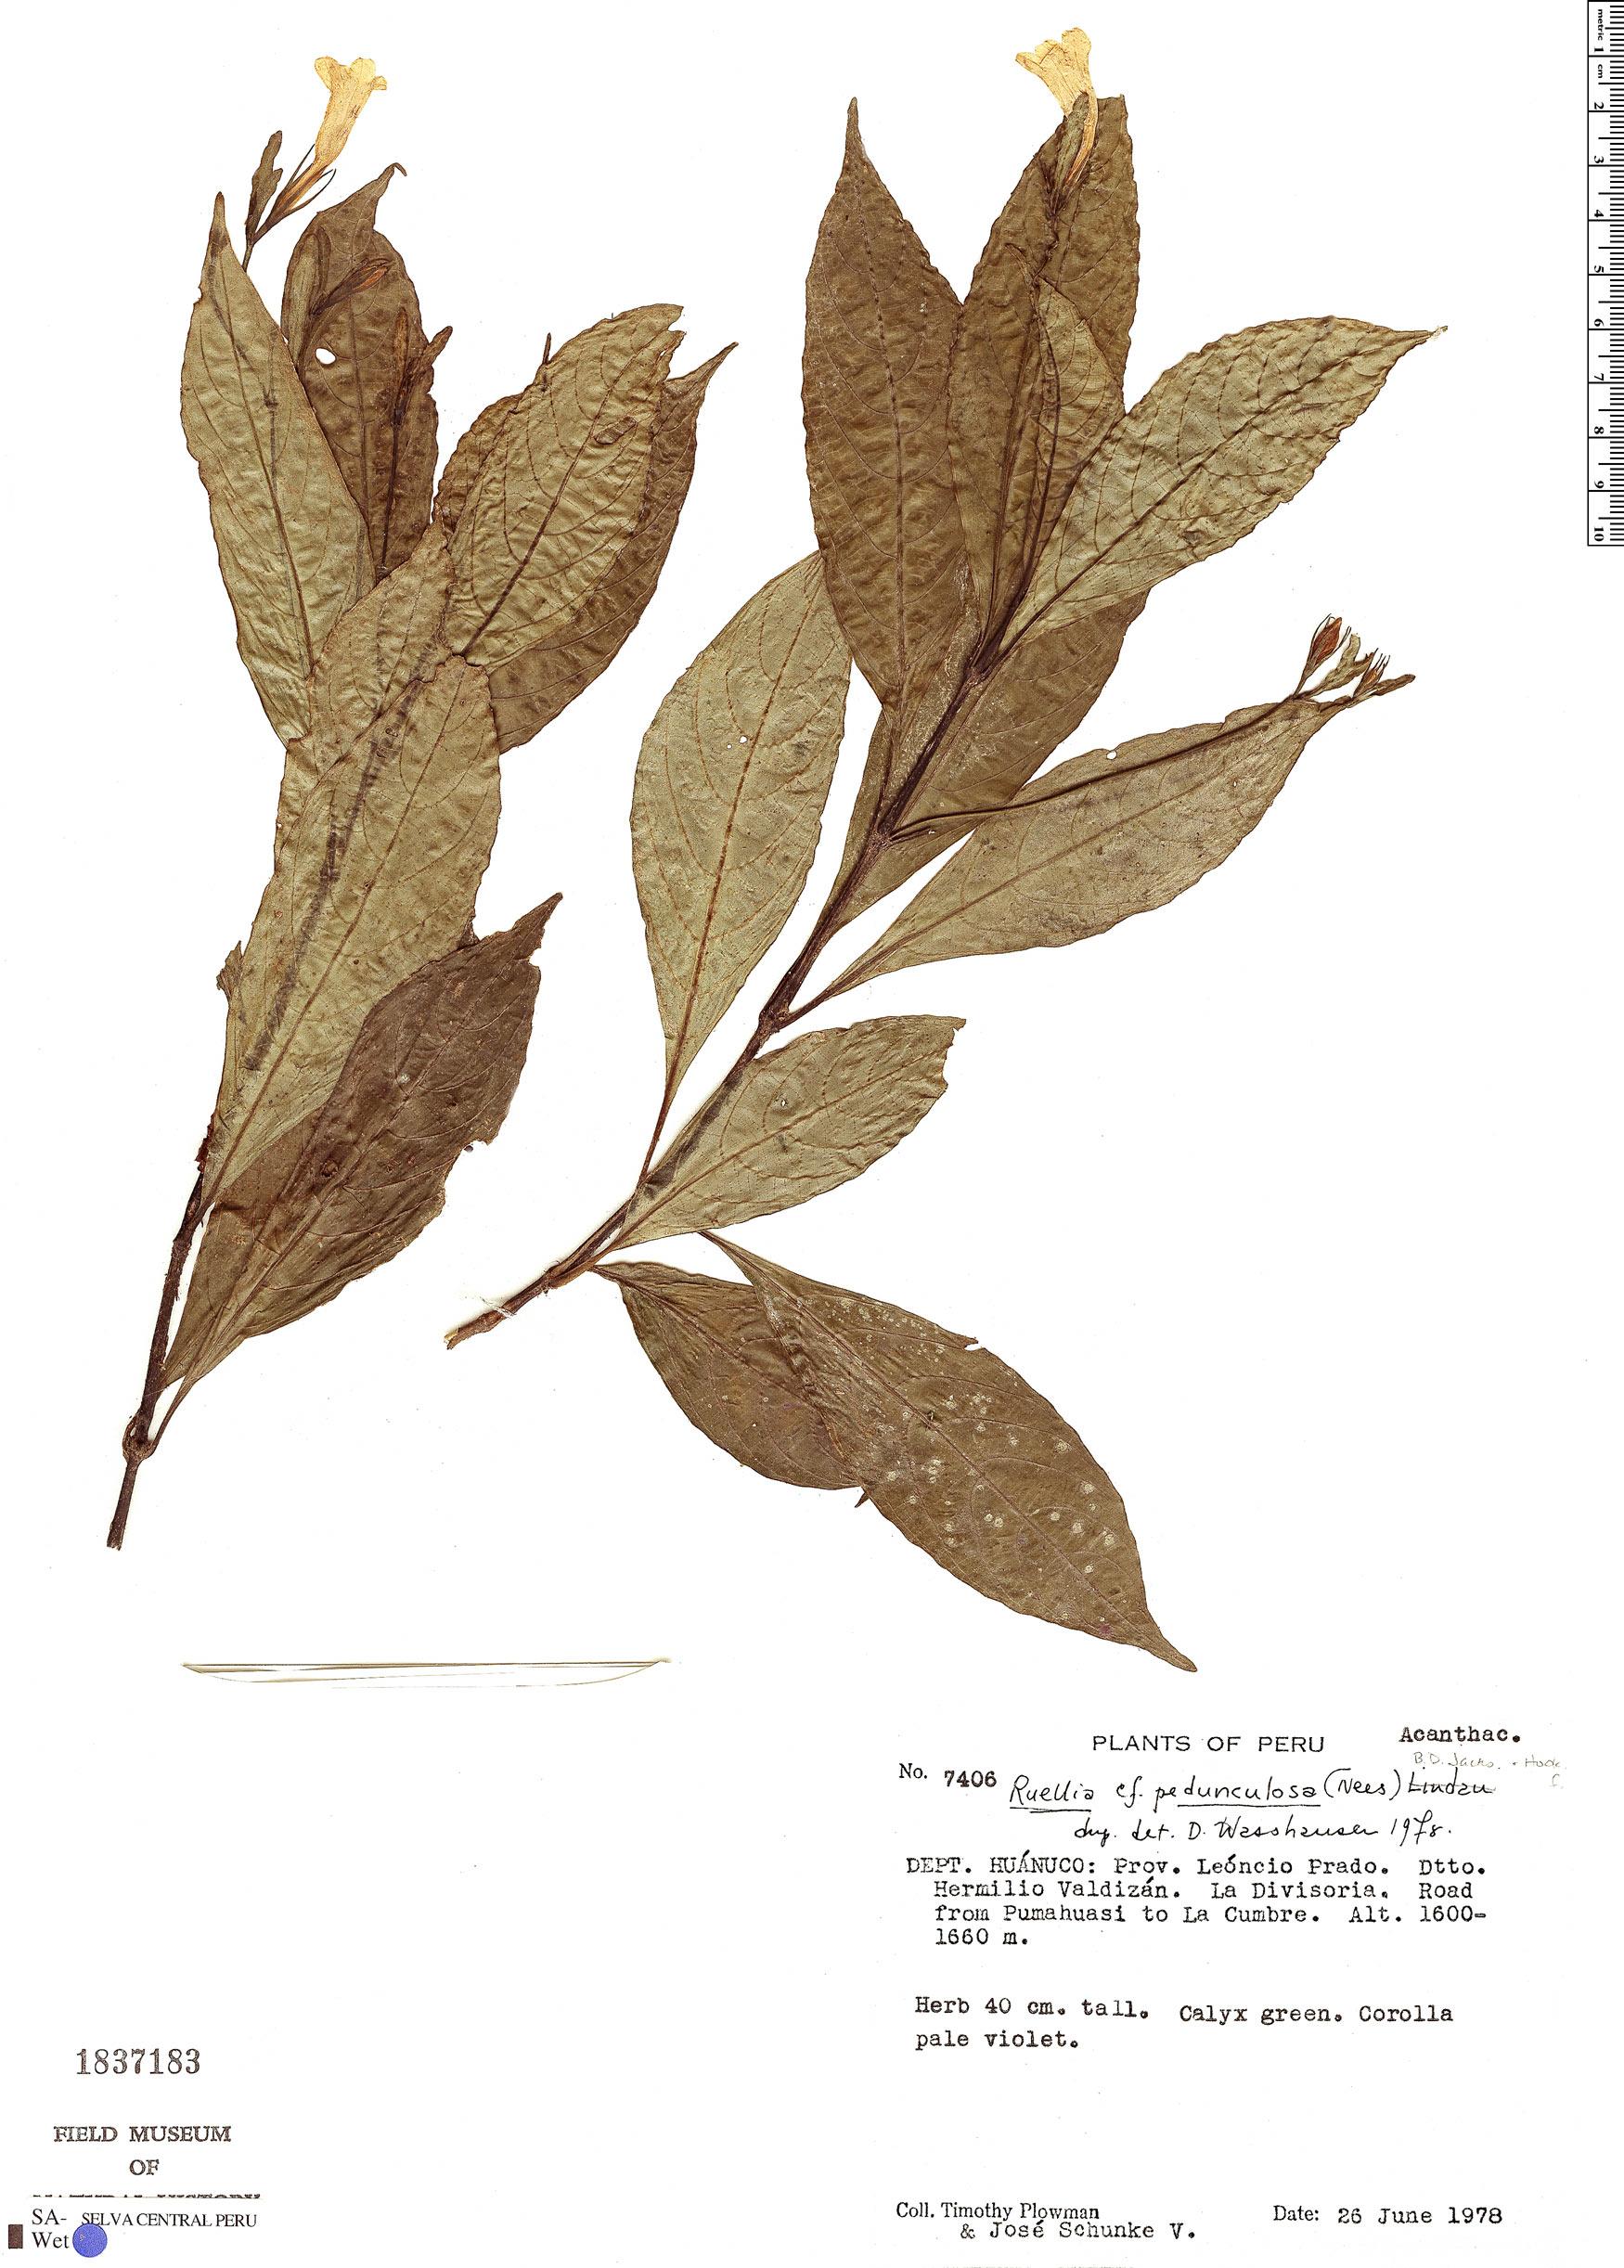 Specimen: Ruellia pedunculosa